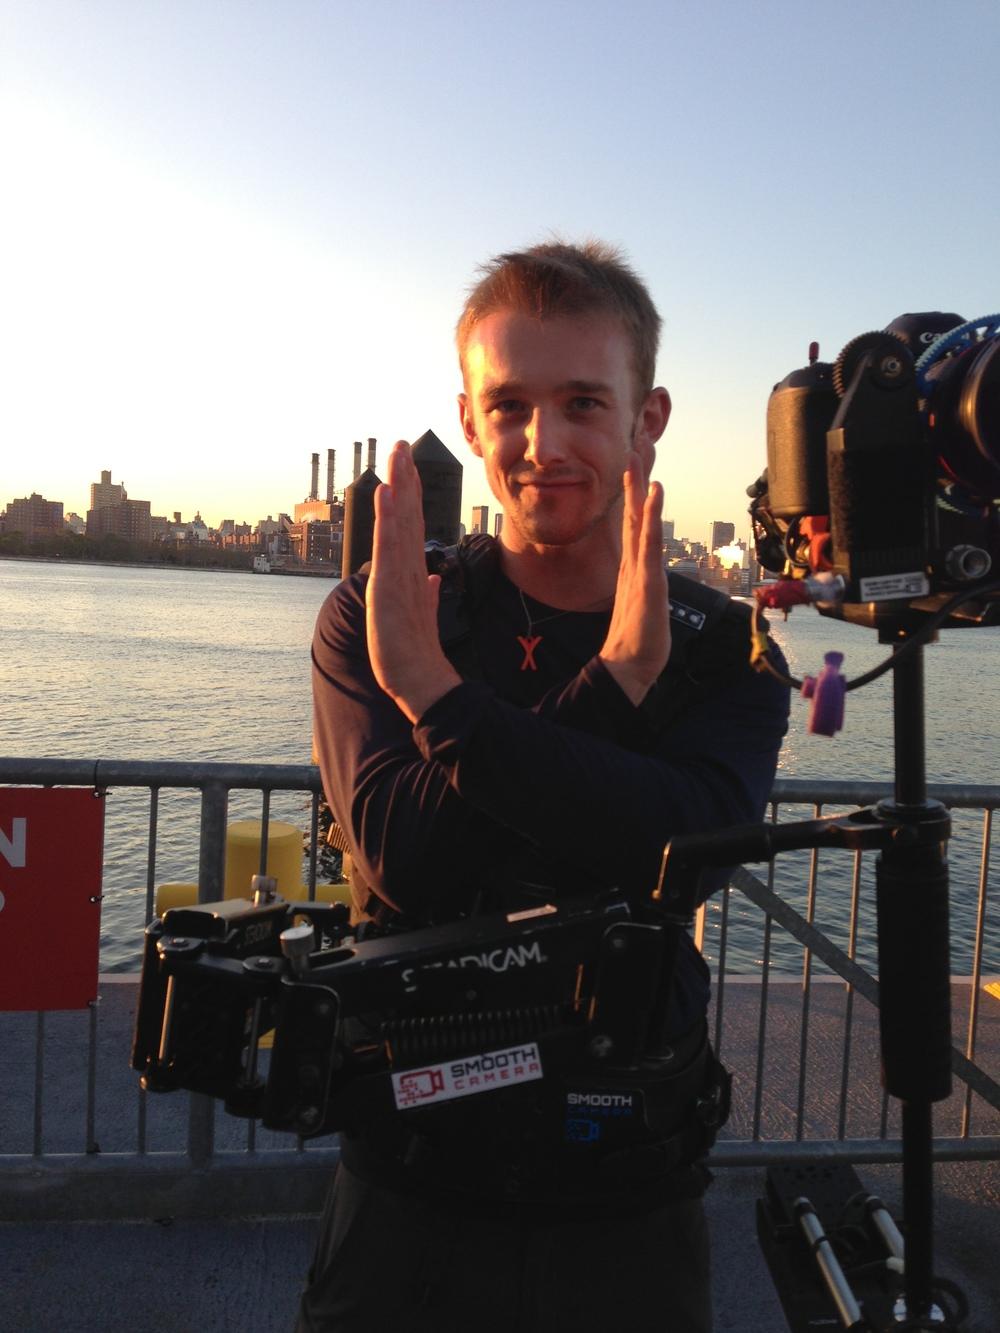 """From """"Dance Like A White Girl"""" filming crew, Kyle is doing the white girl sign lmao  #DanceLikeAWhiteGirl"""